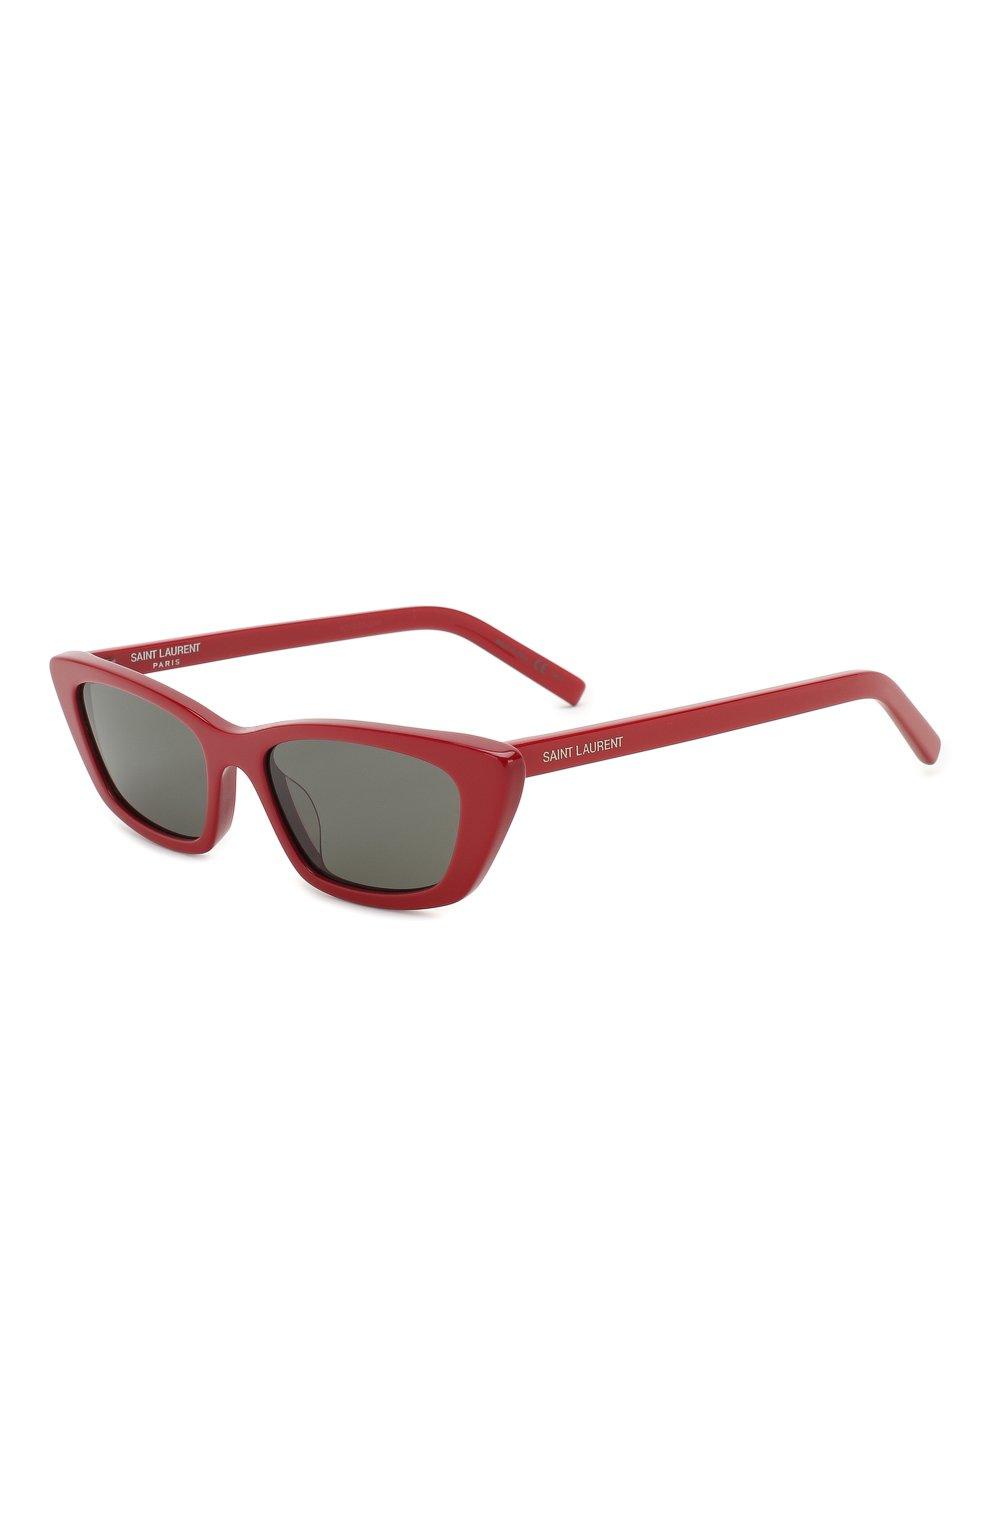 Женские солнцезащитные очки SAINT LAURENT красного цвета, арт. SL 277 003 | Фото 1